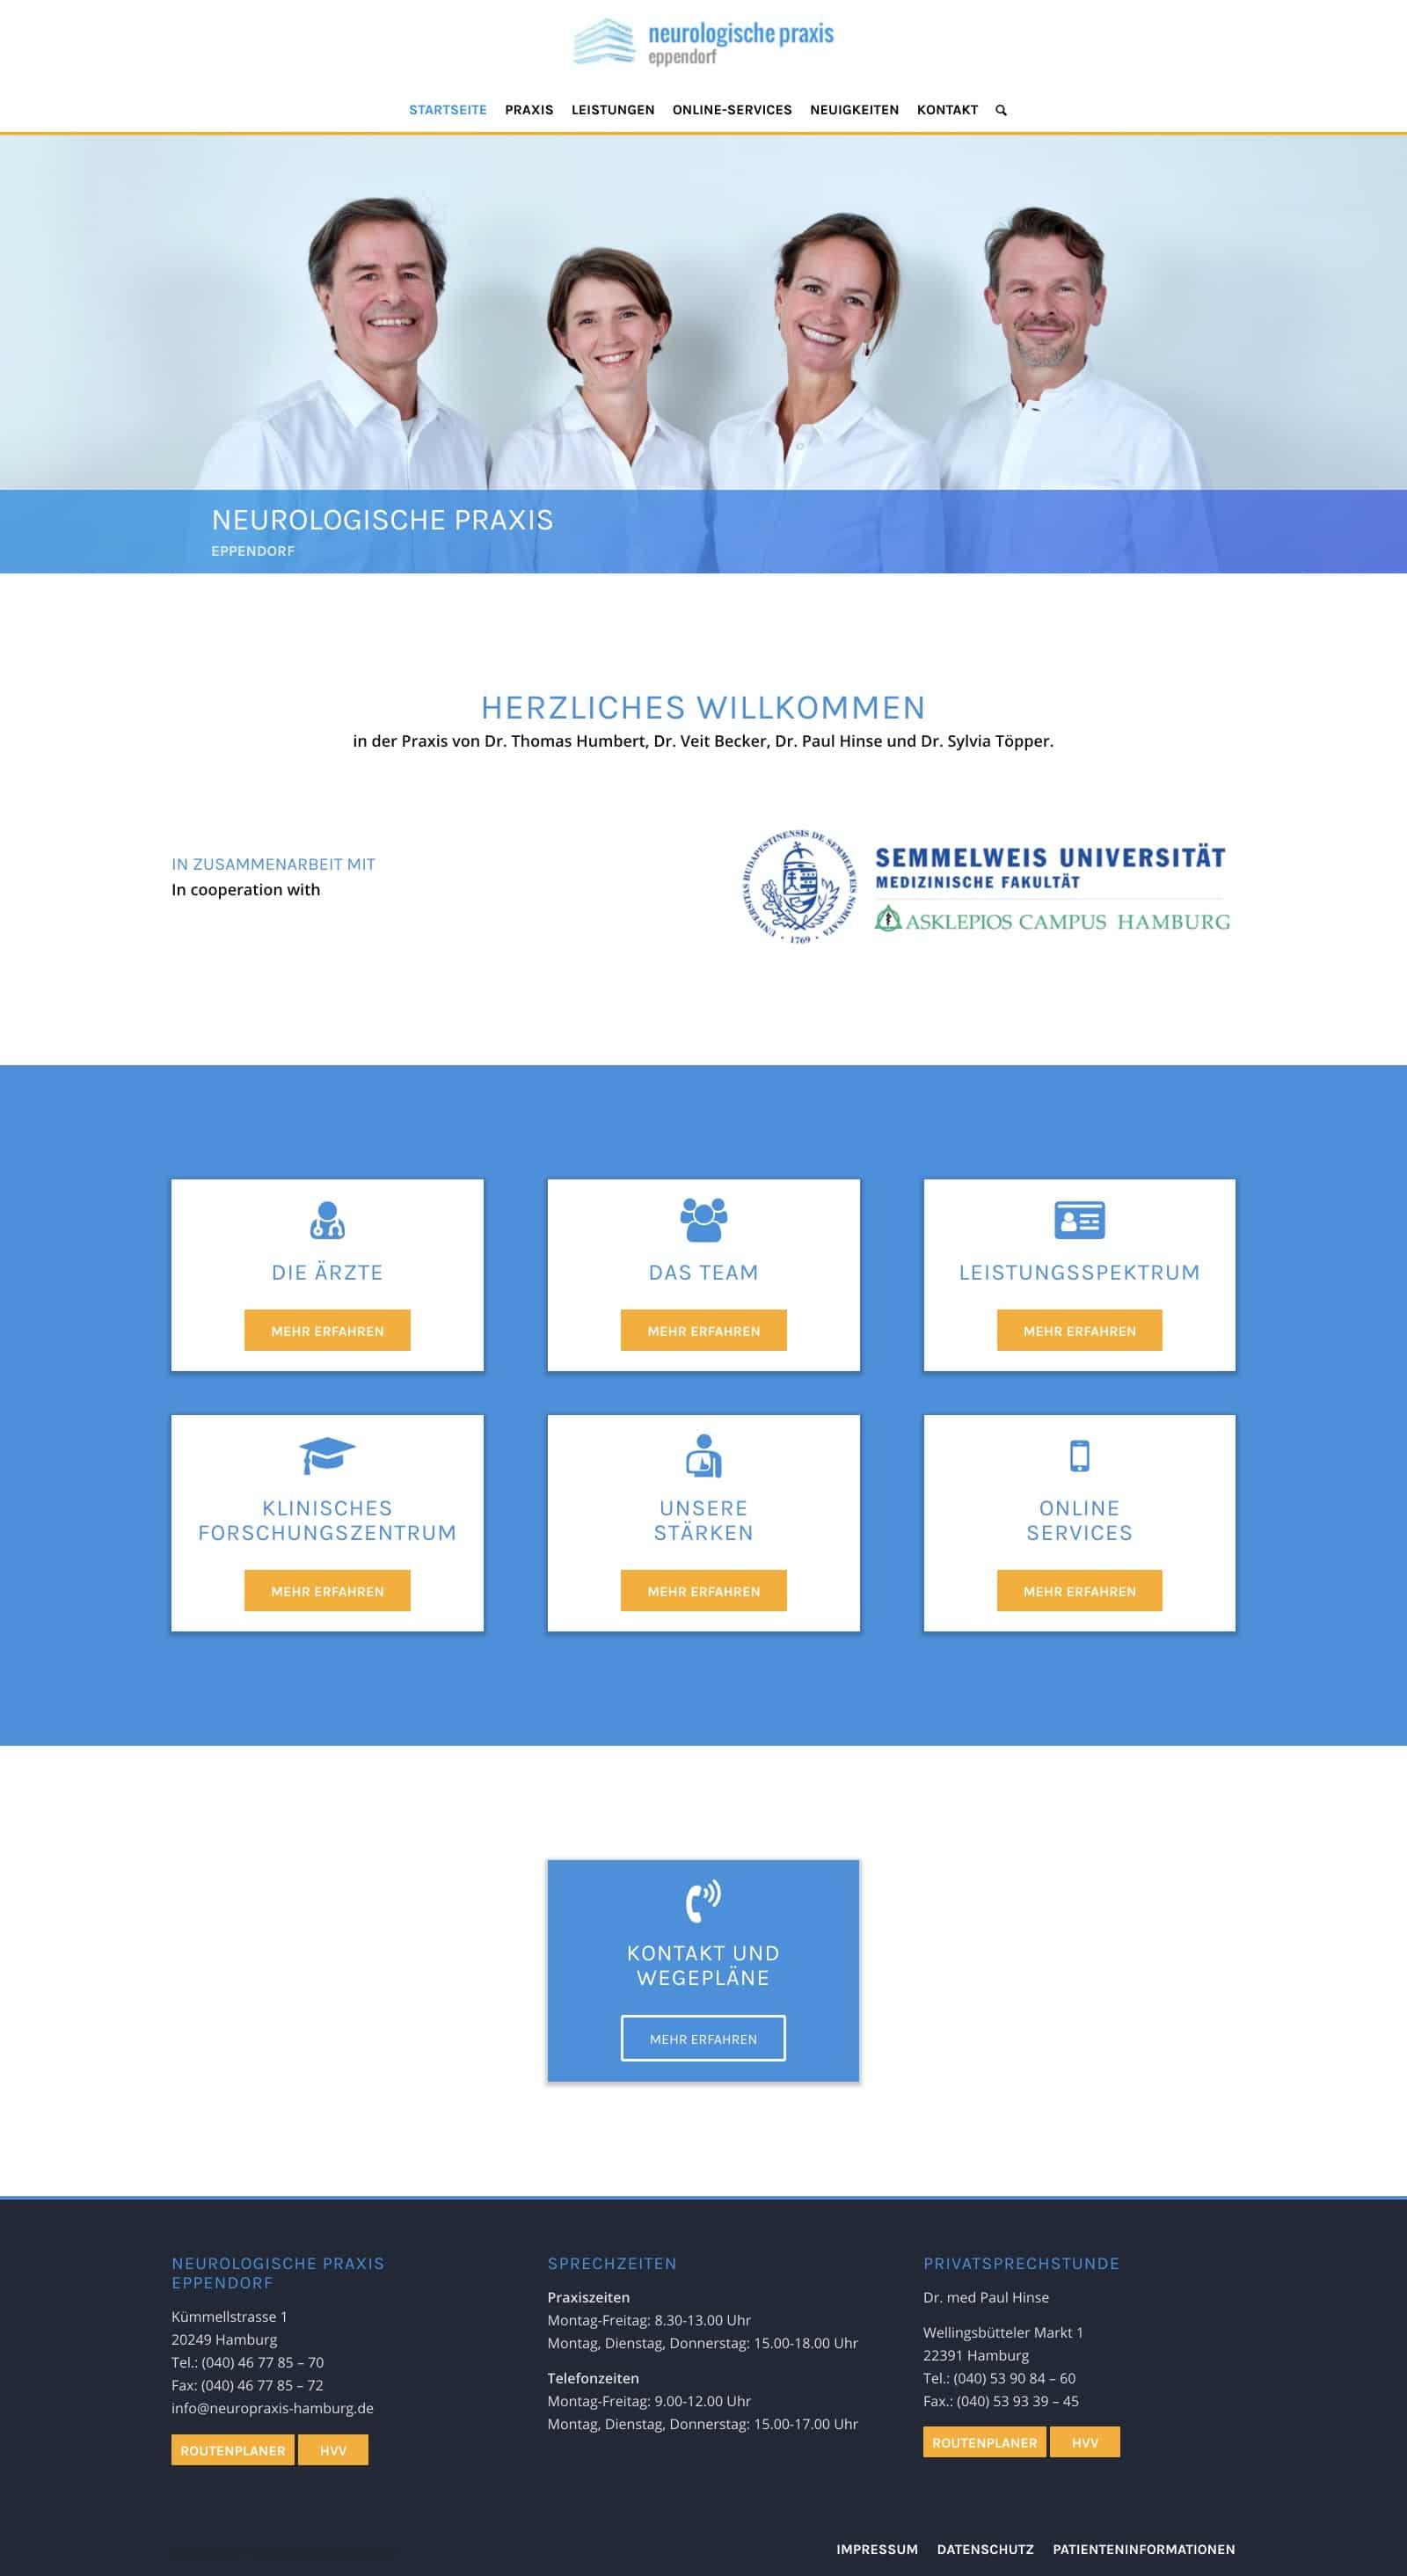 Neurologische Praxis Eppendorf Website